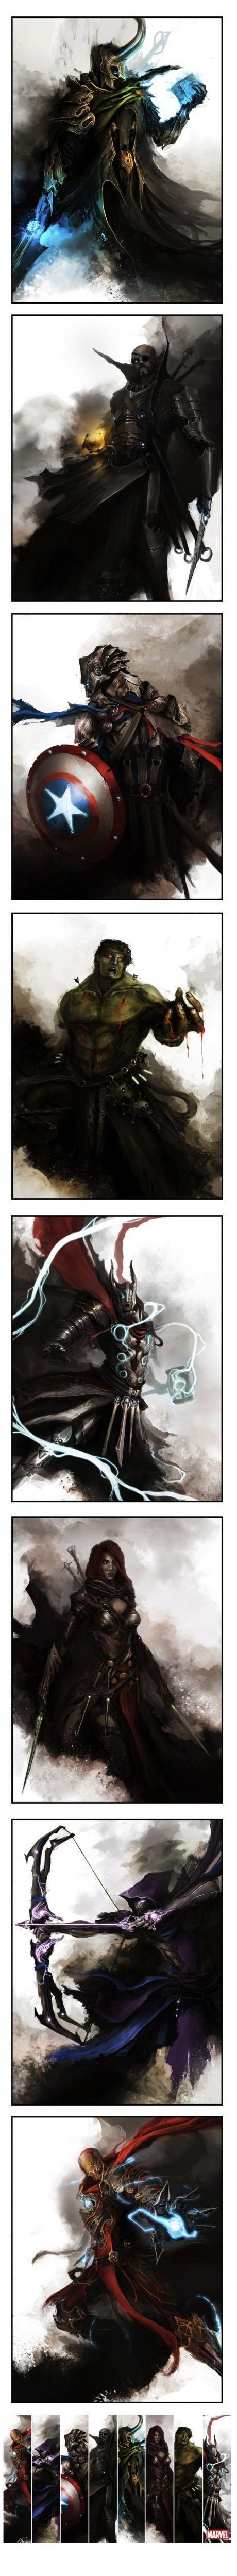 Medieval Avengers.